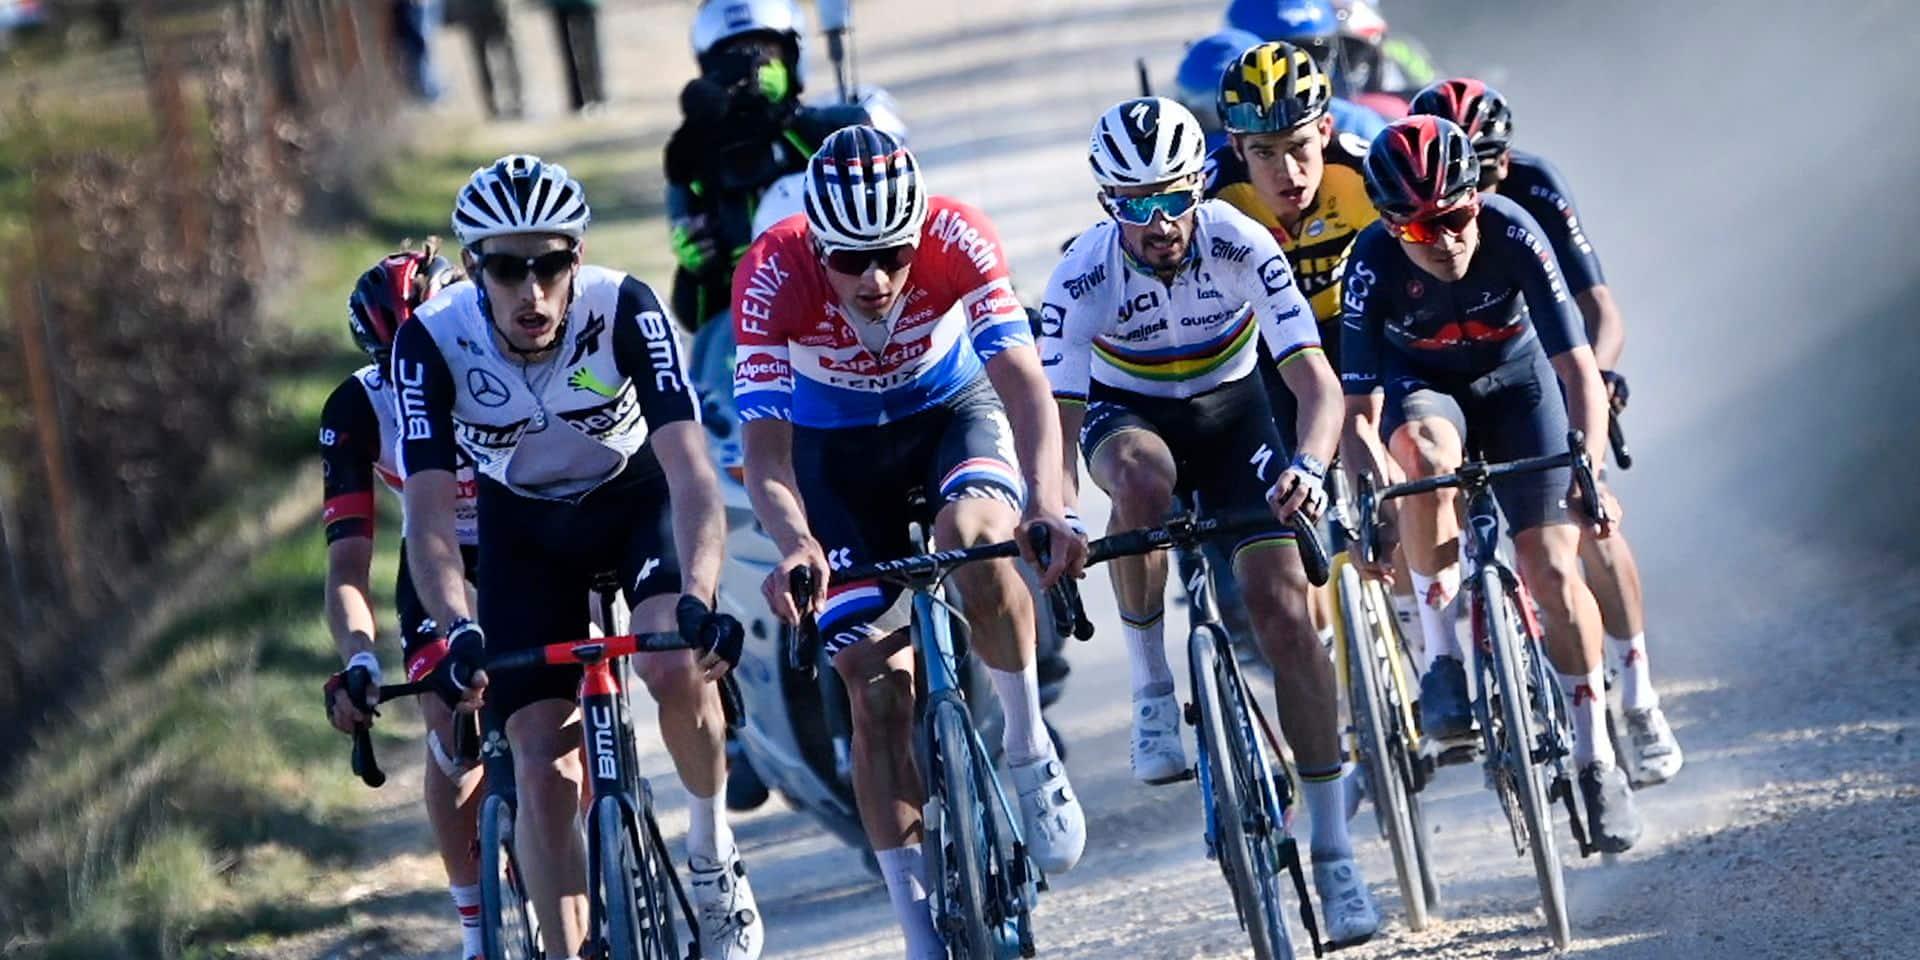 Les Strade Bianche, toujours une épreuve spectaculaire opposants les meilleurs coureurs